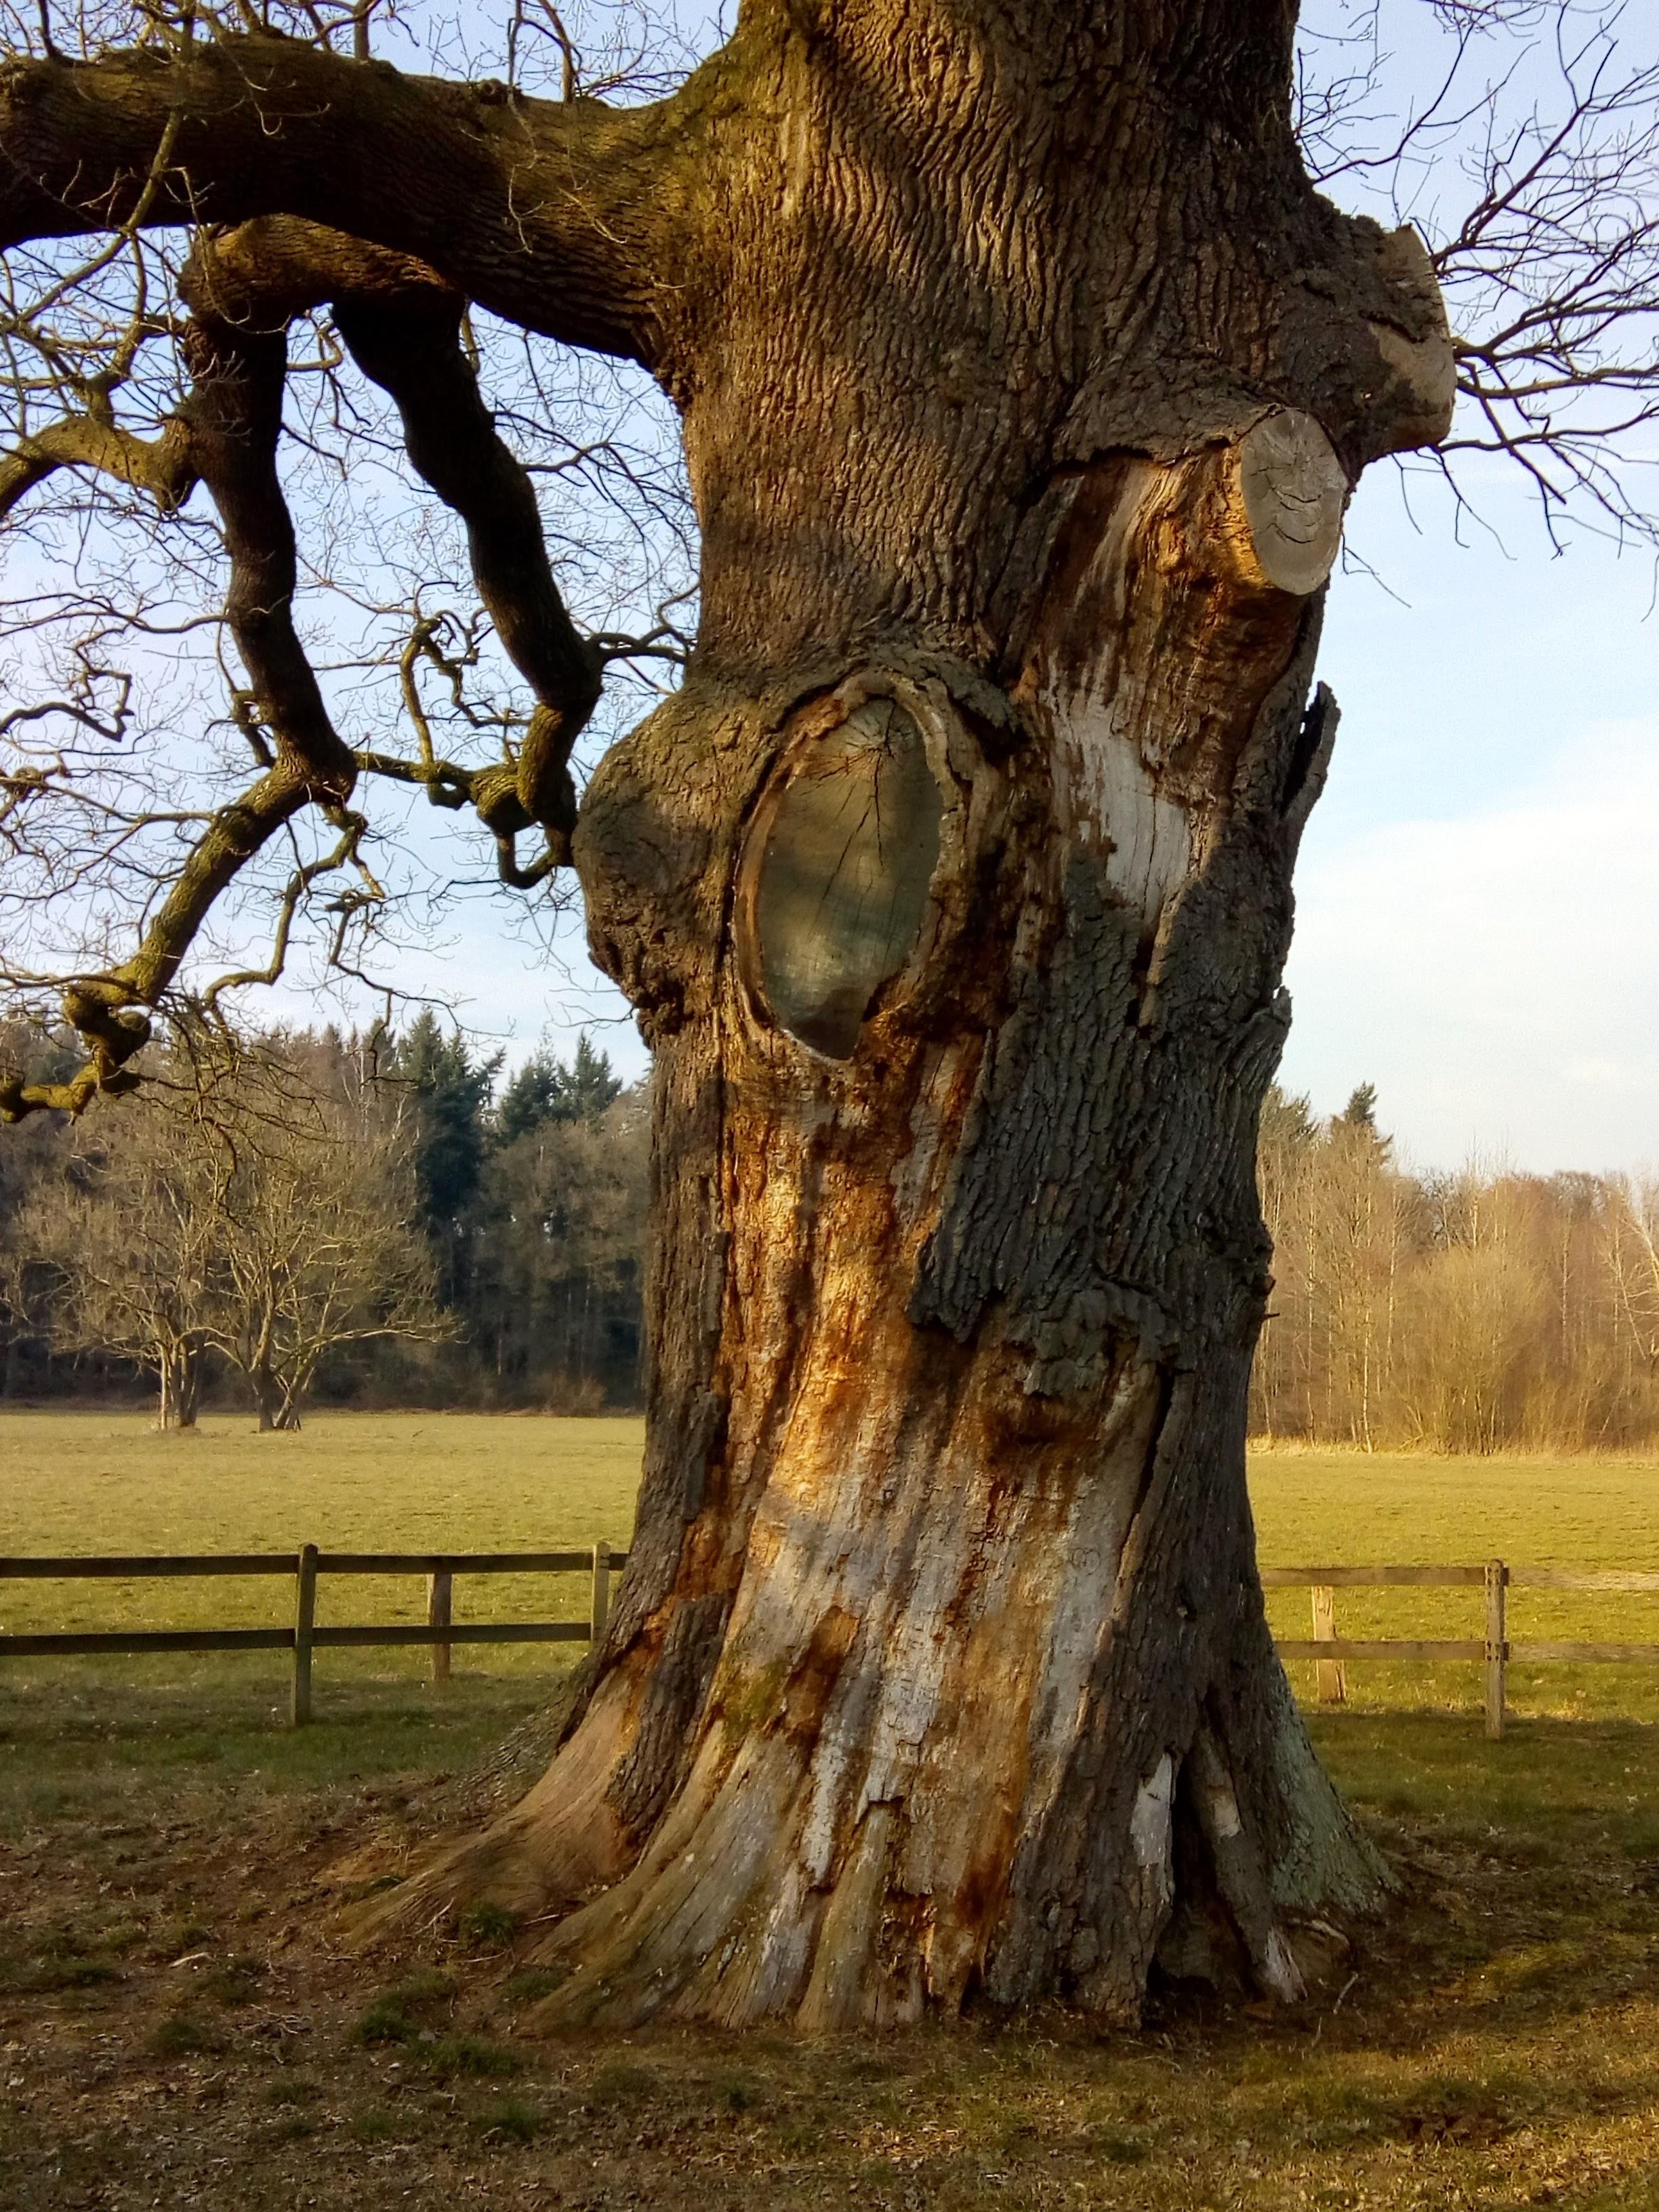 De dikke boom van Verwolde is toonbaar gehavend.